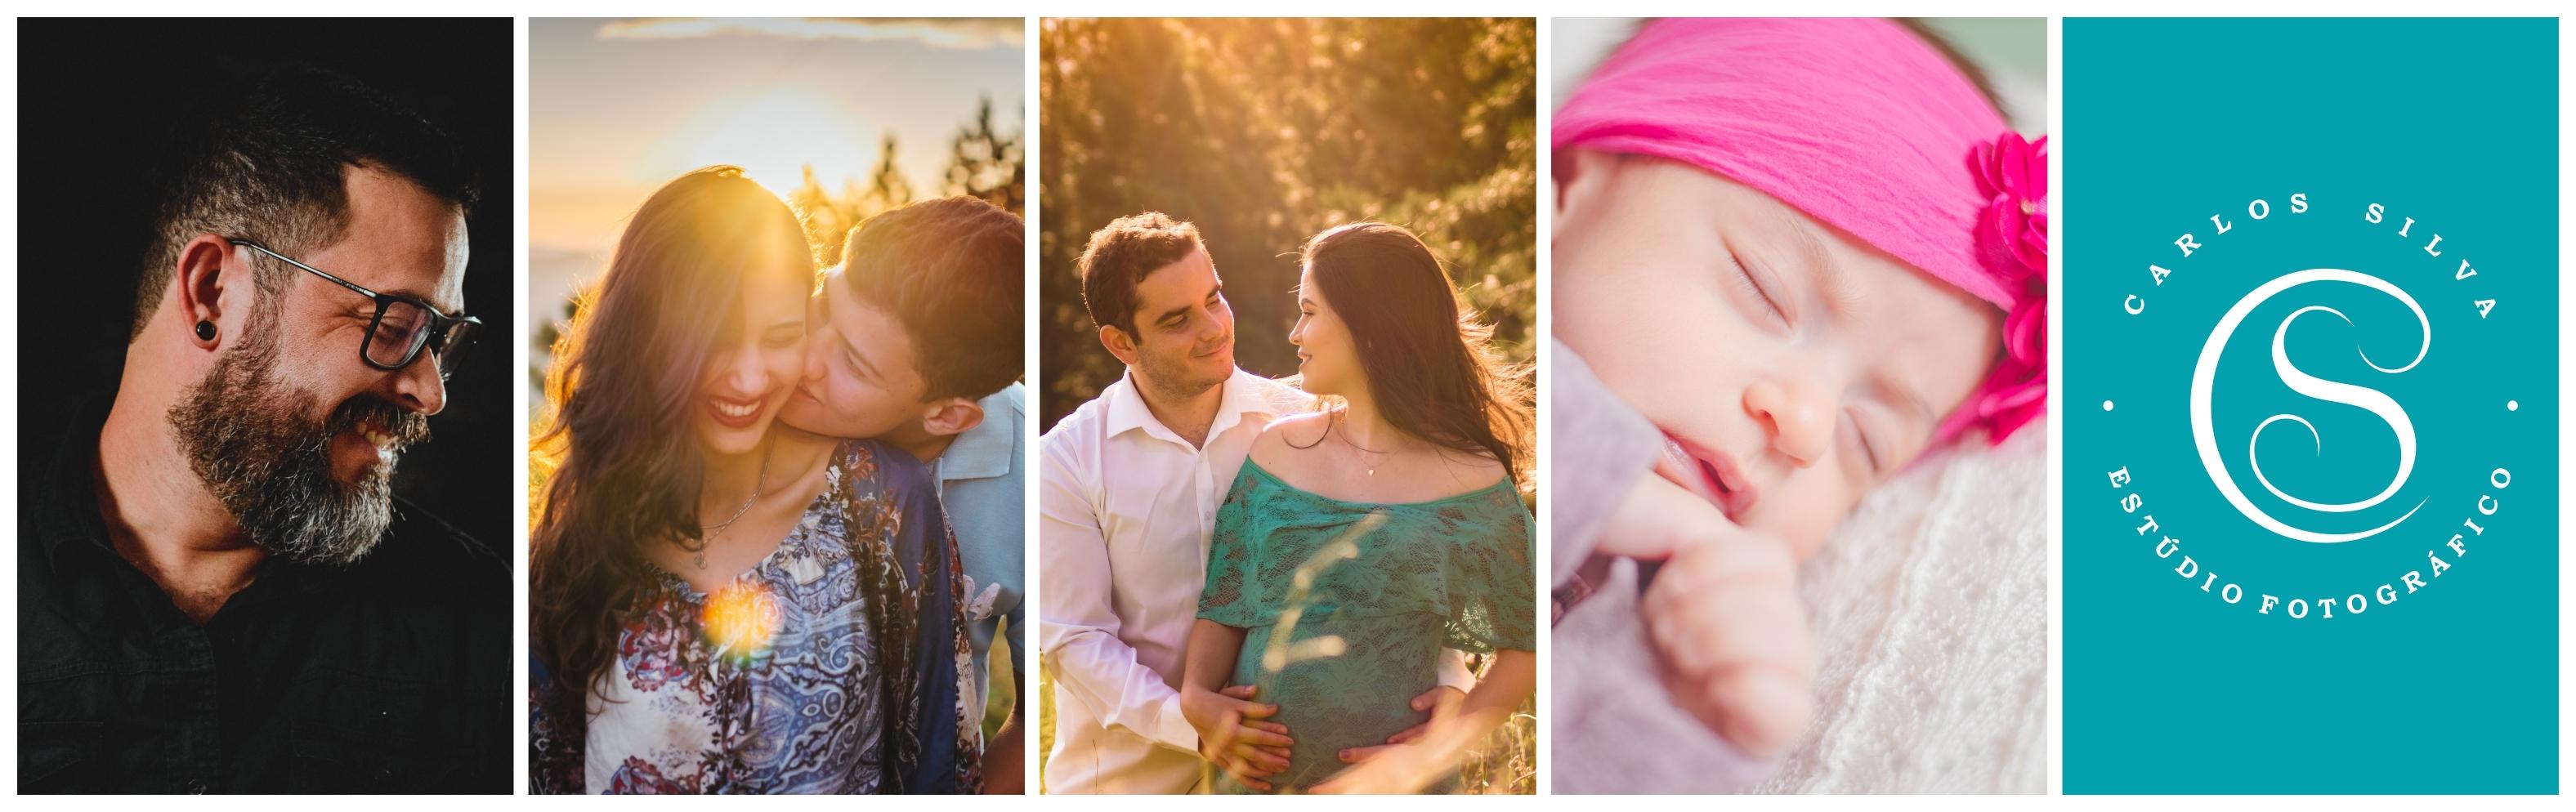 Contate Fotógrafo de Casamento, Gestante e da Família em Poços de Caldas-MG |  Carlos Silva